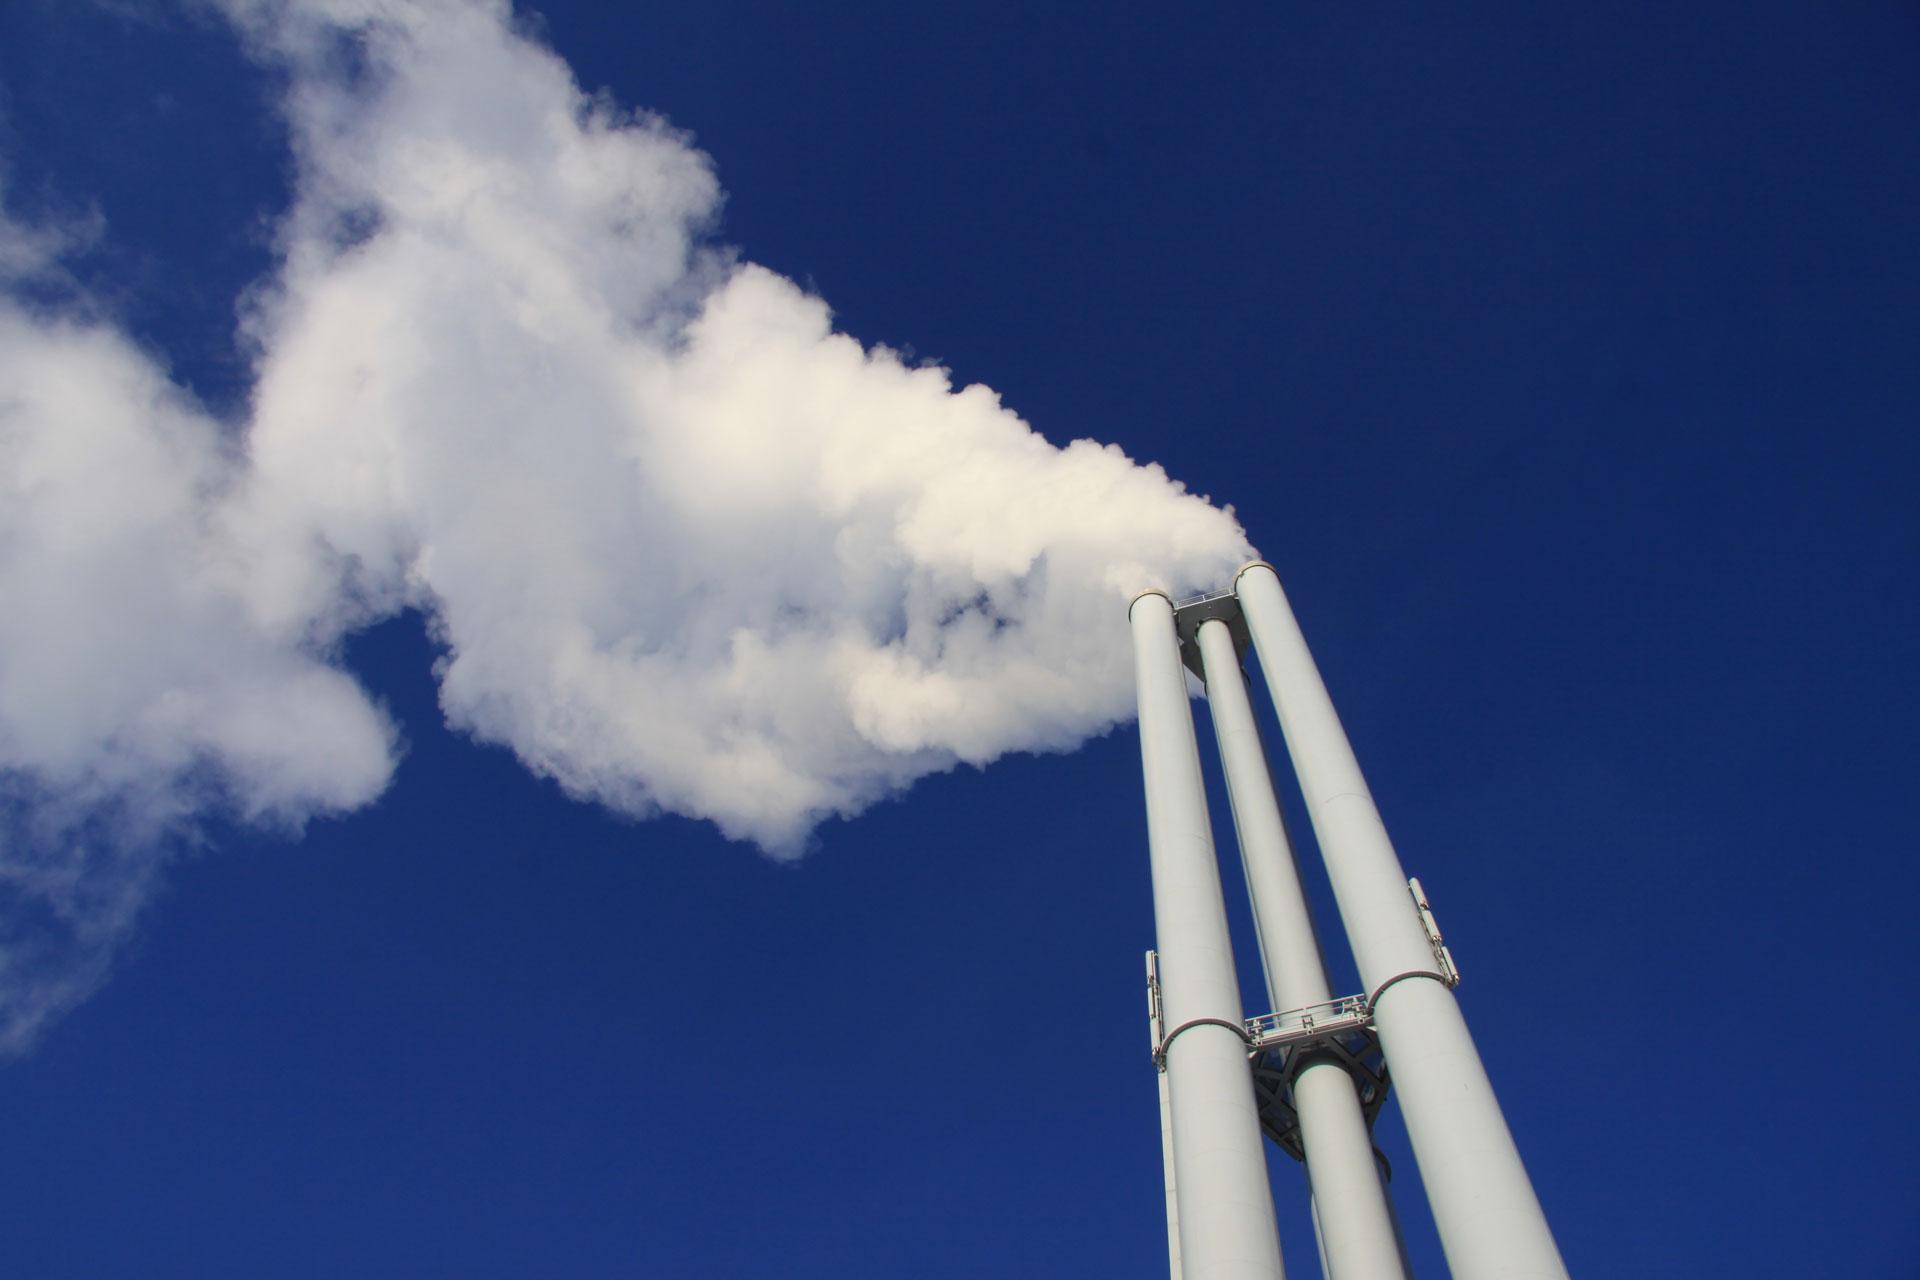 <p>Wir bieten umfassende Lösungen bei Ausbrand, Emissionen und Korrosion.</p>